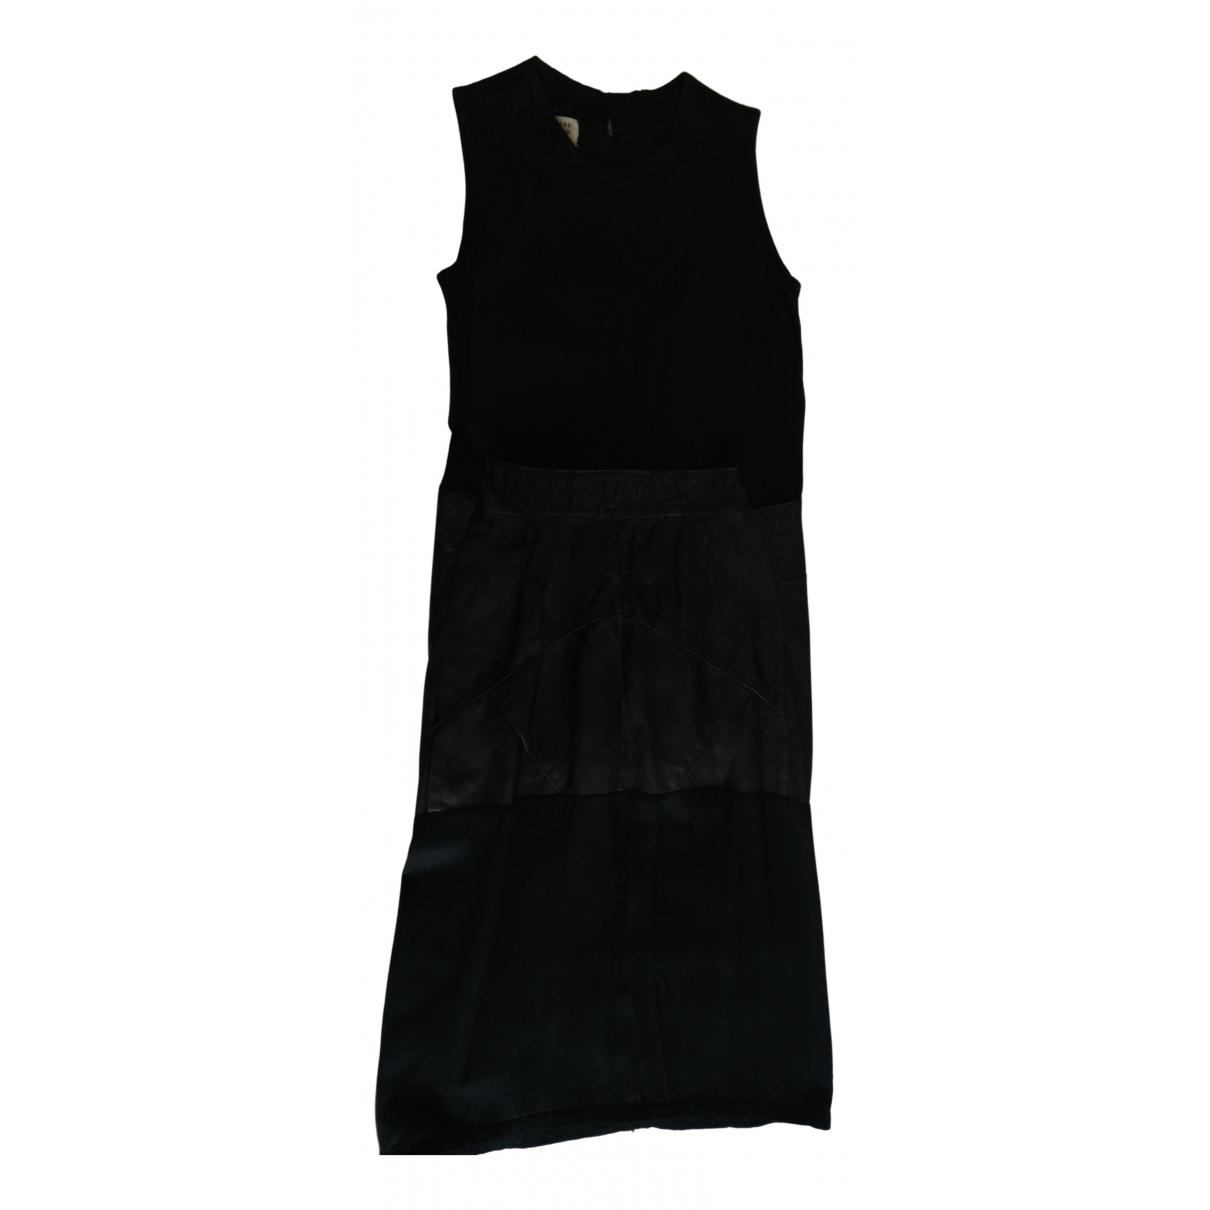 Maison Martin Margiela \N Black Leather dress for Women S International